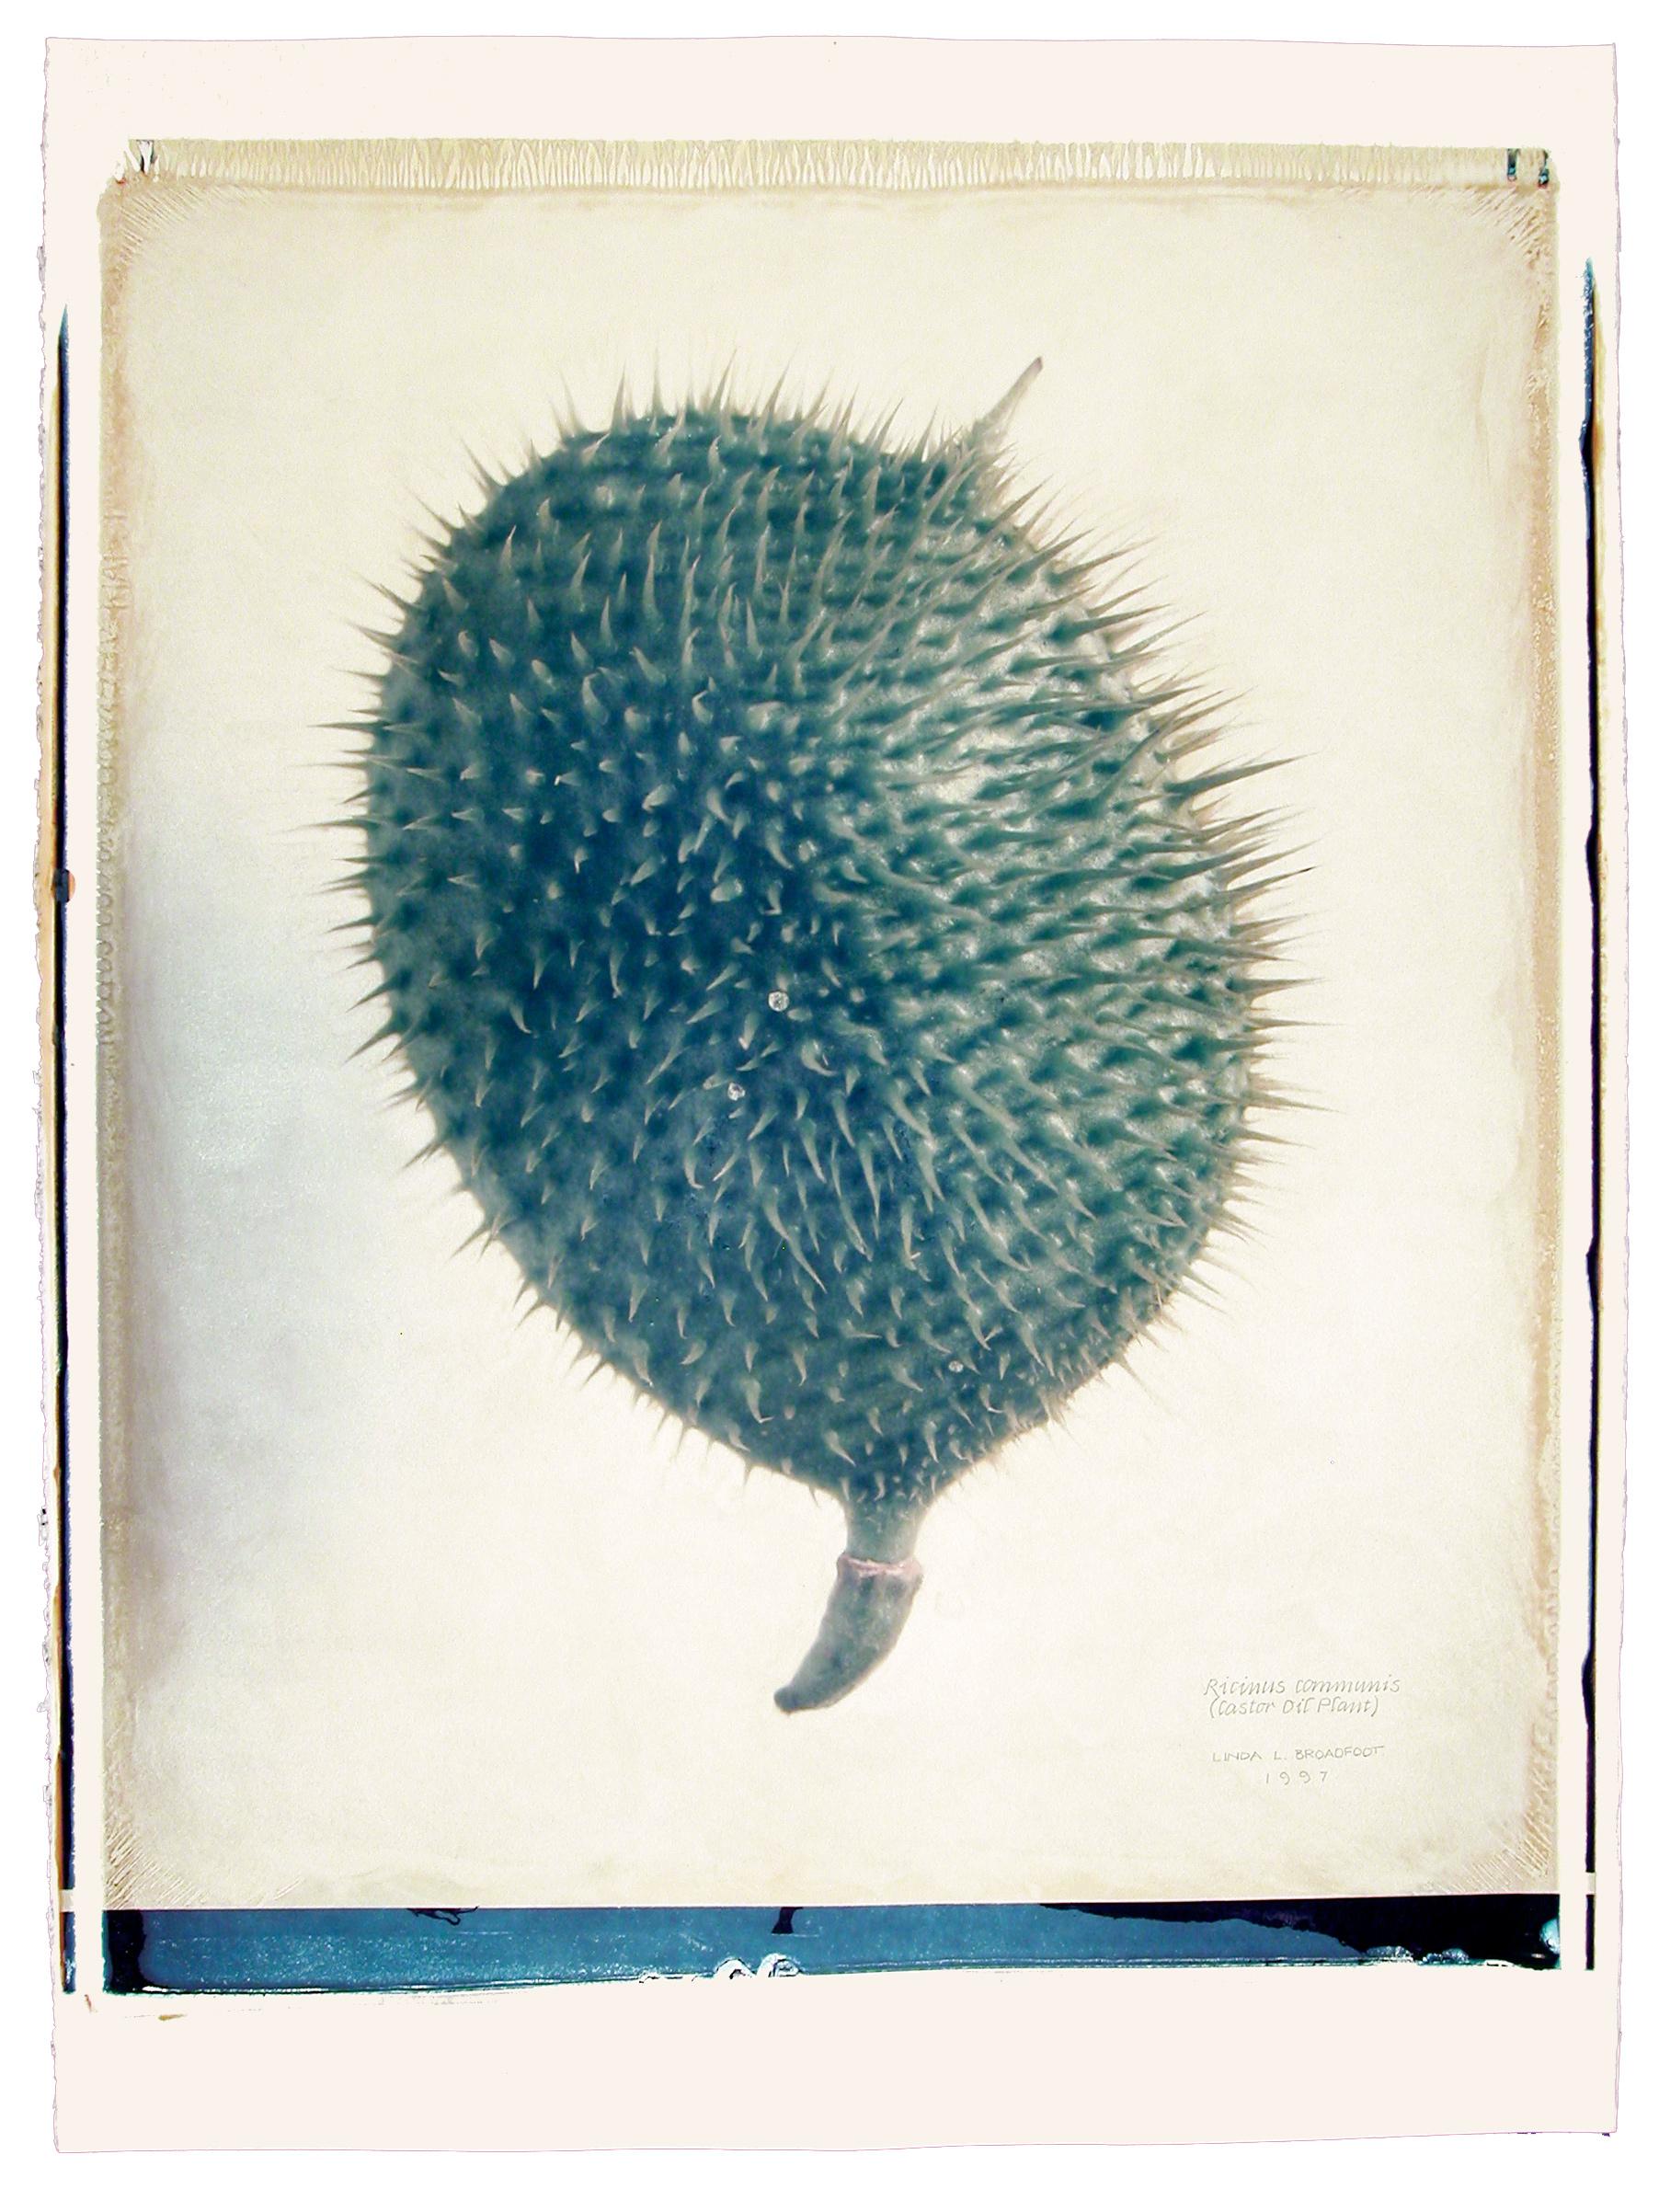 Rincinus communis  (Castor Oil Plant), 1997